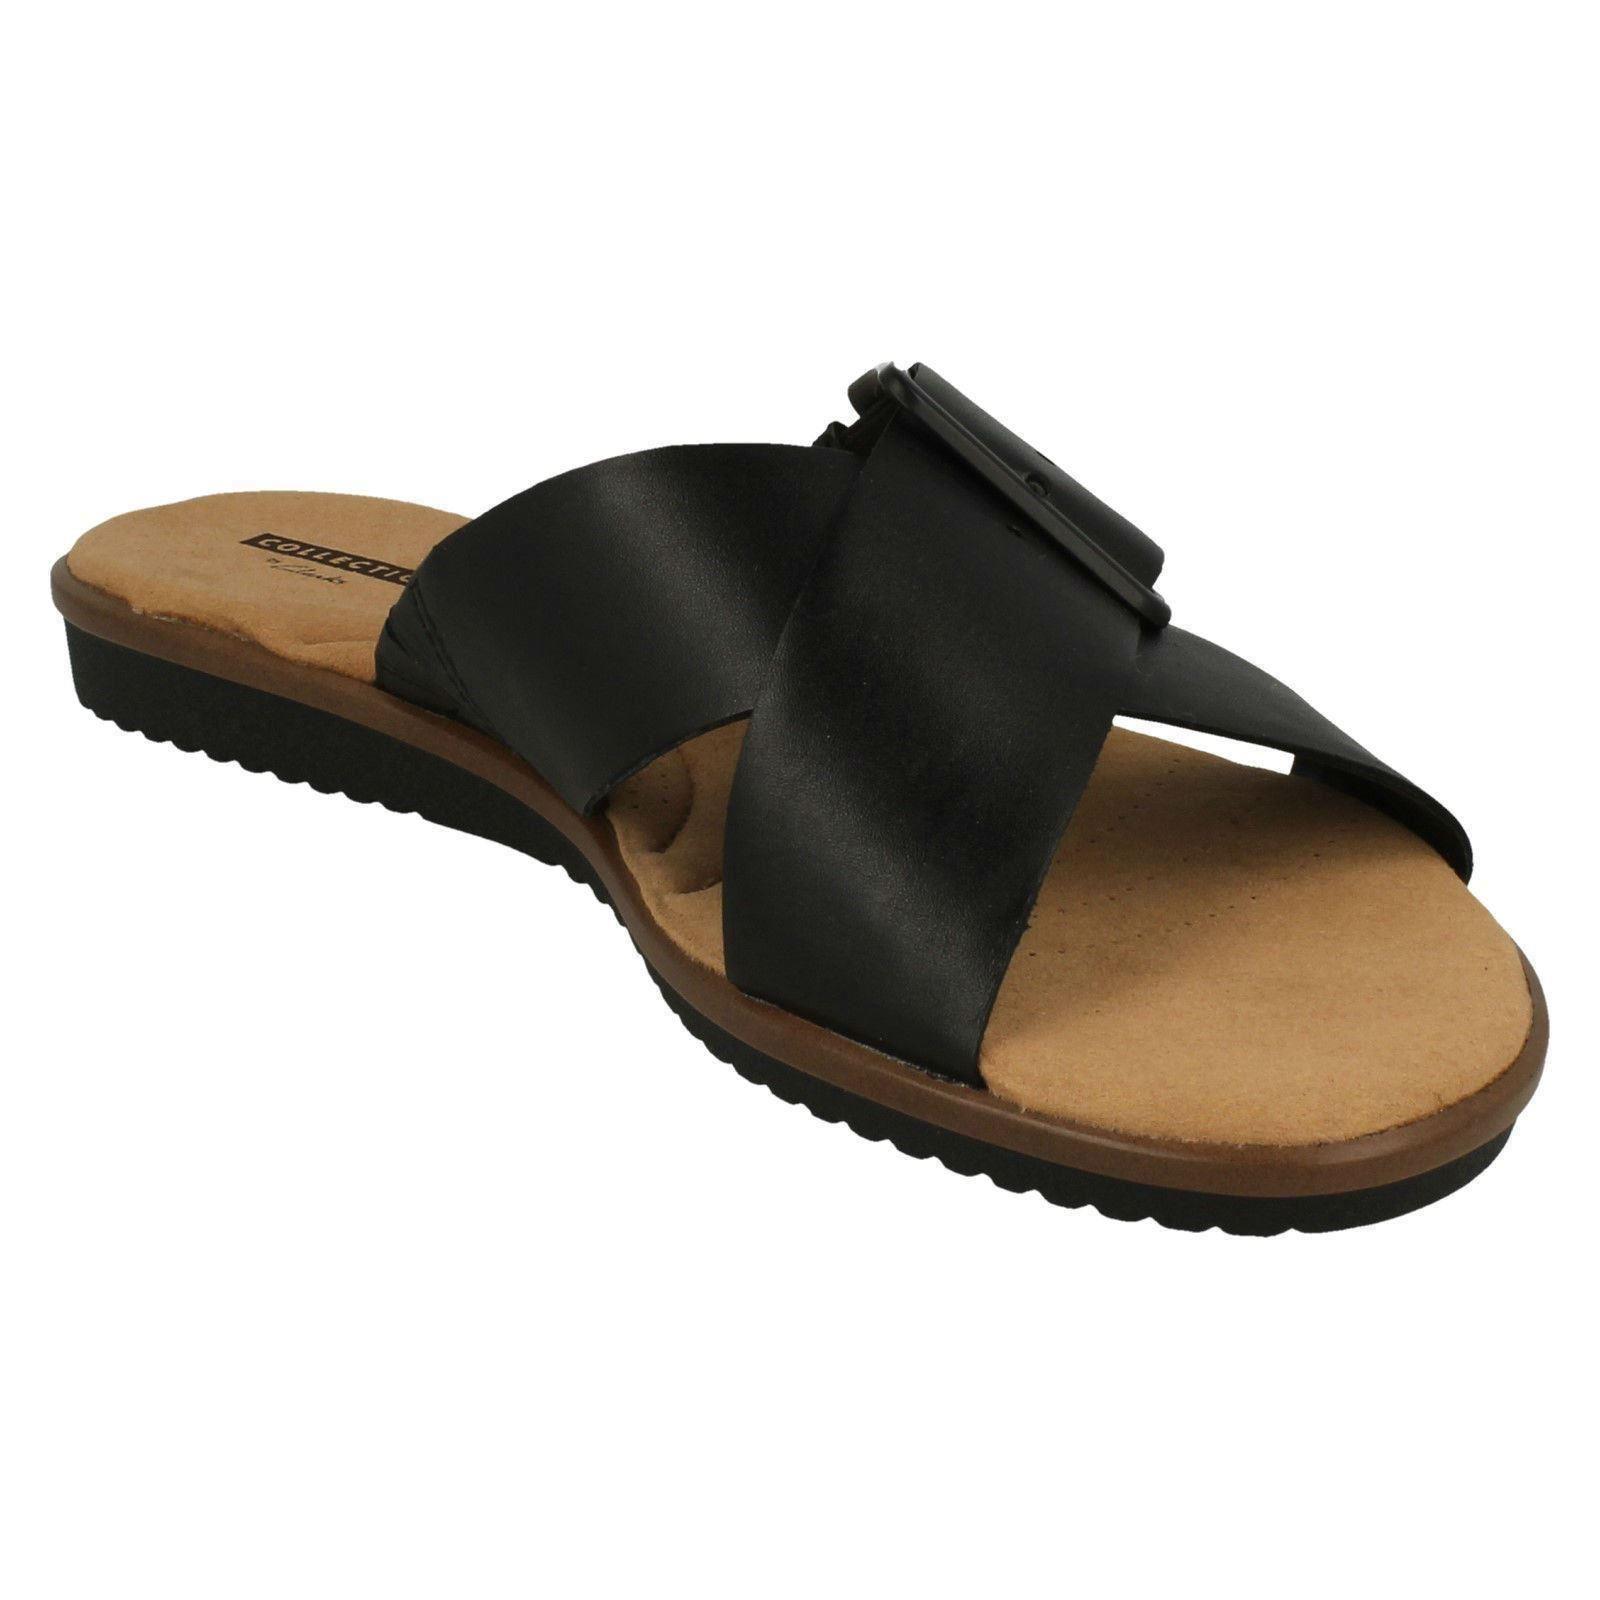 Damen Clarks ohne Bügel Kele Sandalen Kele Bügel Heather 76de0a